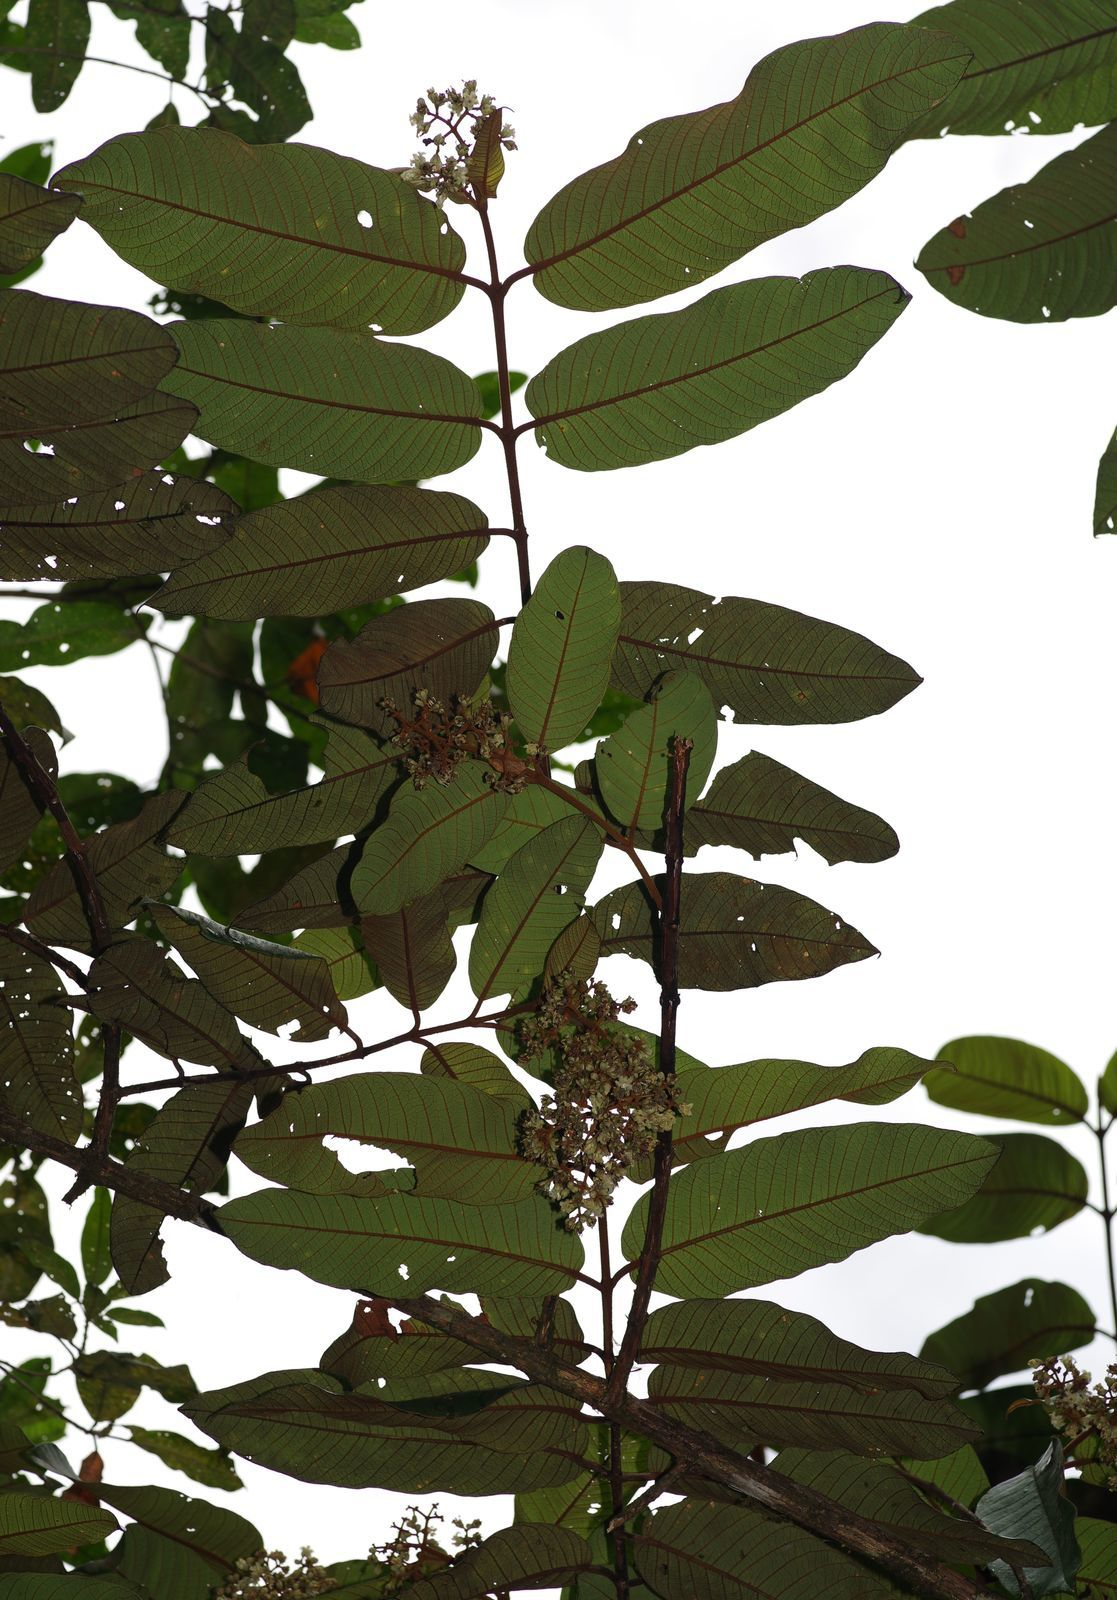 Vismia macrophylla